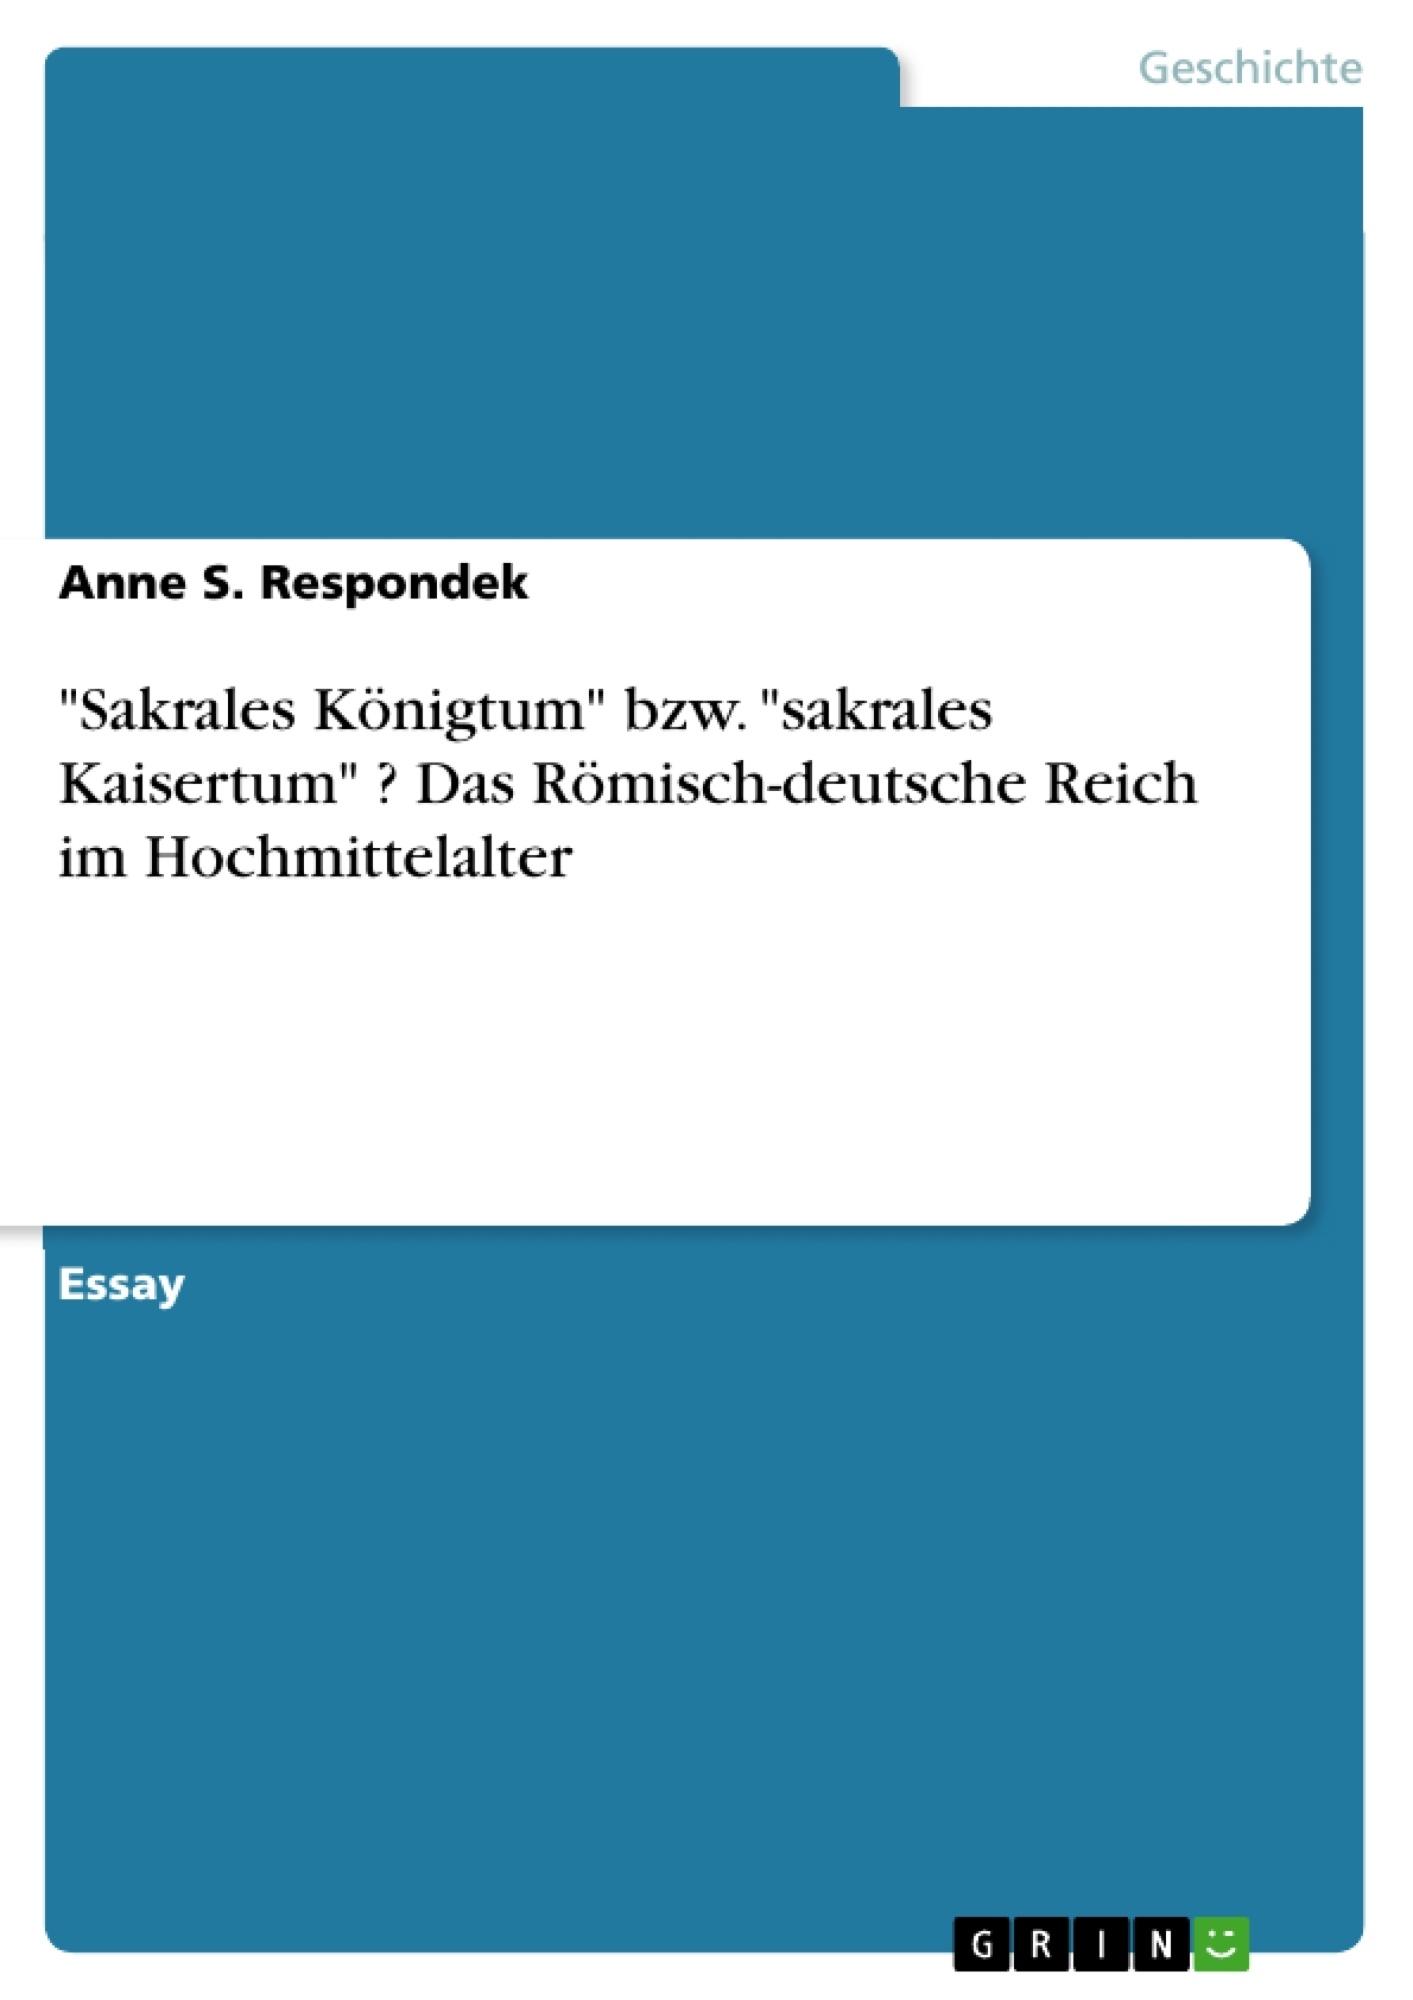 """Titel: """"Sakrales Königtum"""" bzw. """"sakrales Kaisertum"""" ? Das Römisch-deutsche Reich im Hochmittelalter"""